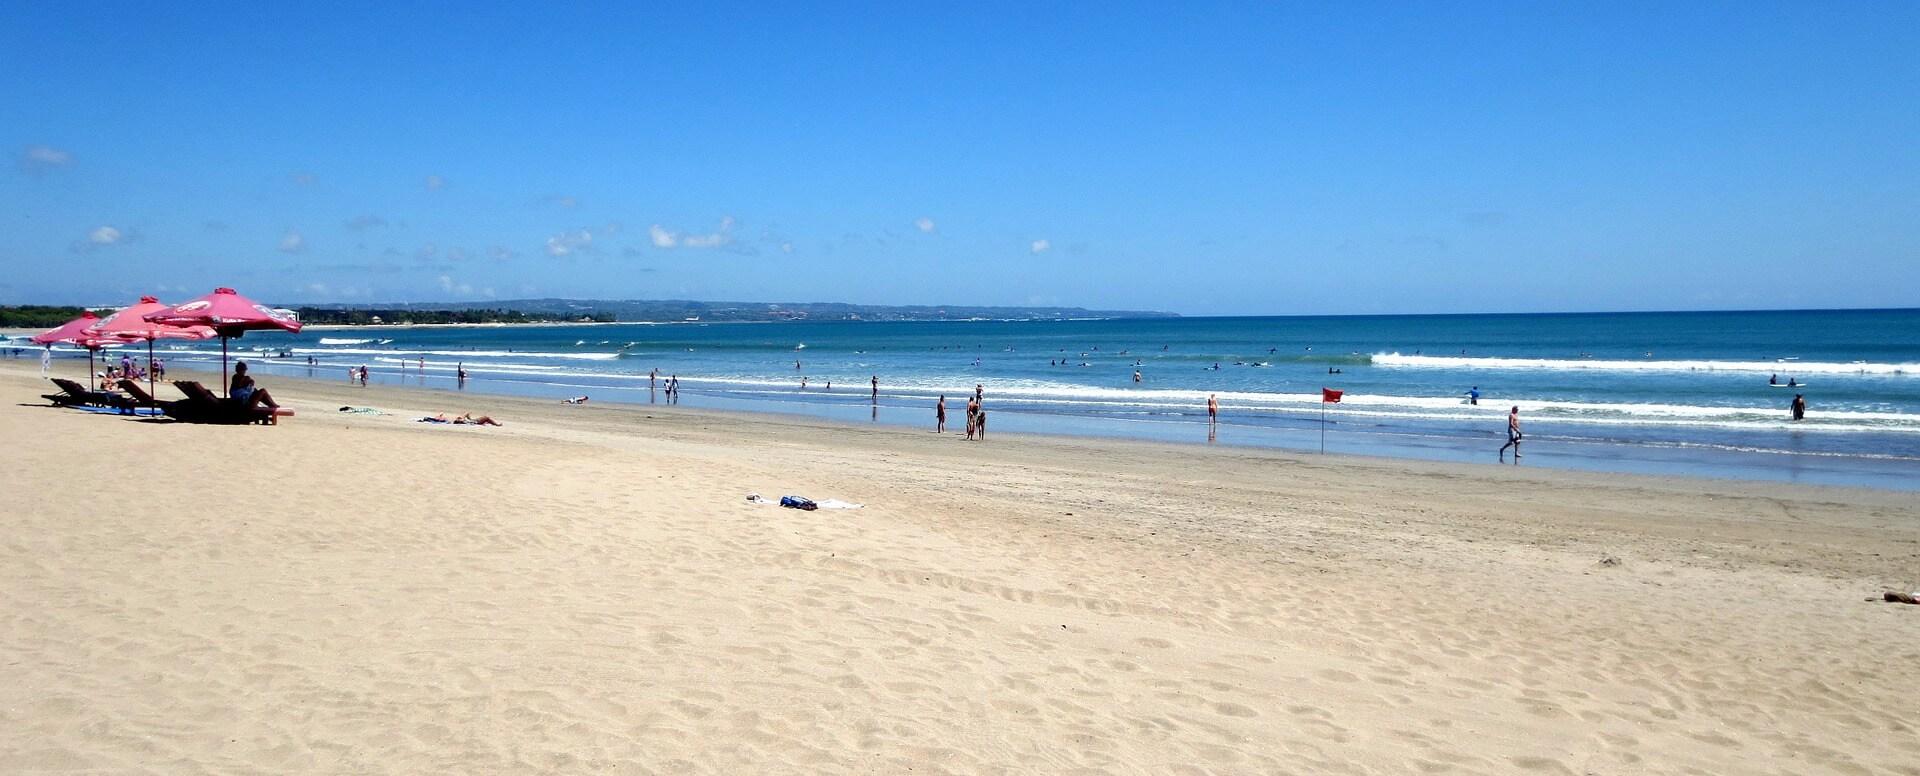 2- Seminyak Beach - Bali